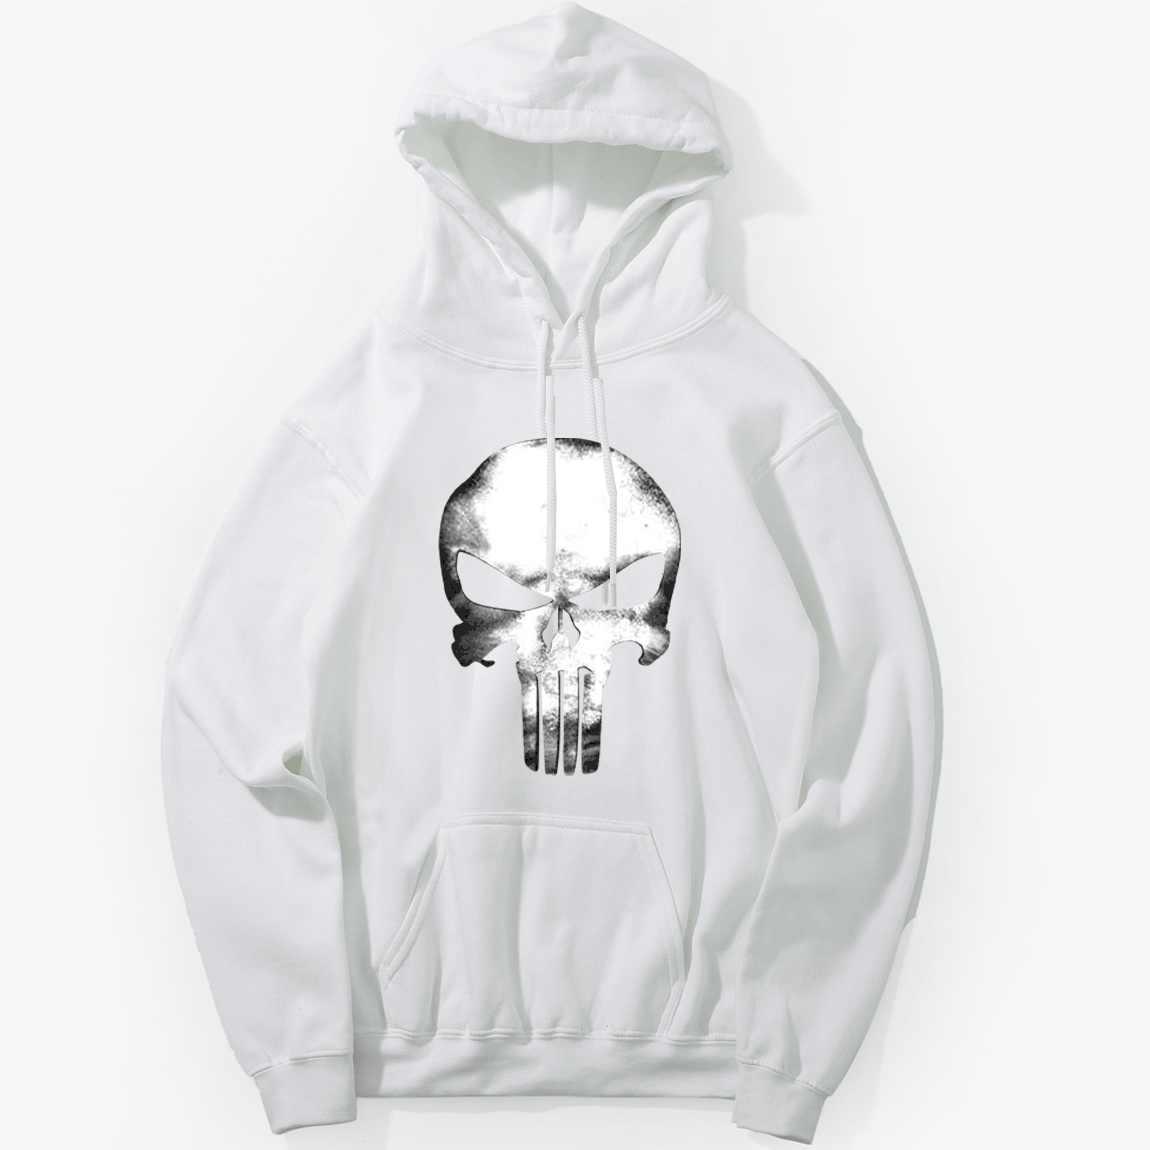 Толстовки с черепами хип хоп Уличная Для мужчин Swag панк Рок толстовка с капюшоном хип хоп Черный Черепа 2019 зима осень флис теплая